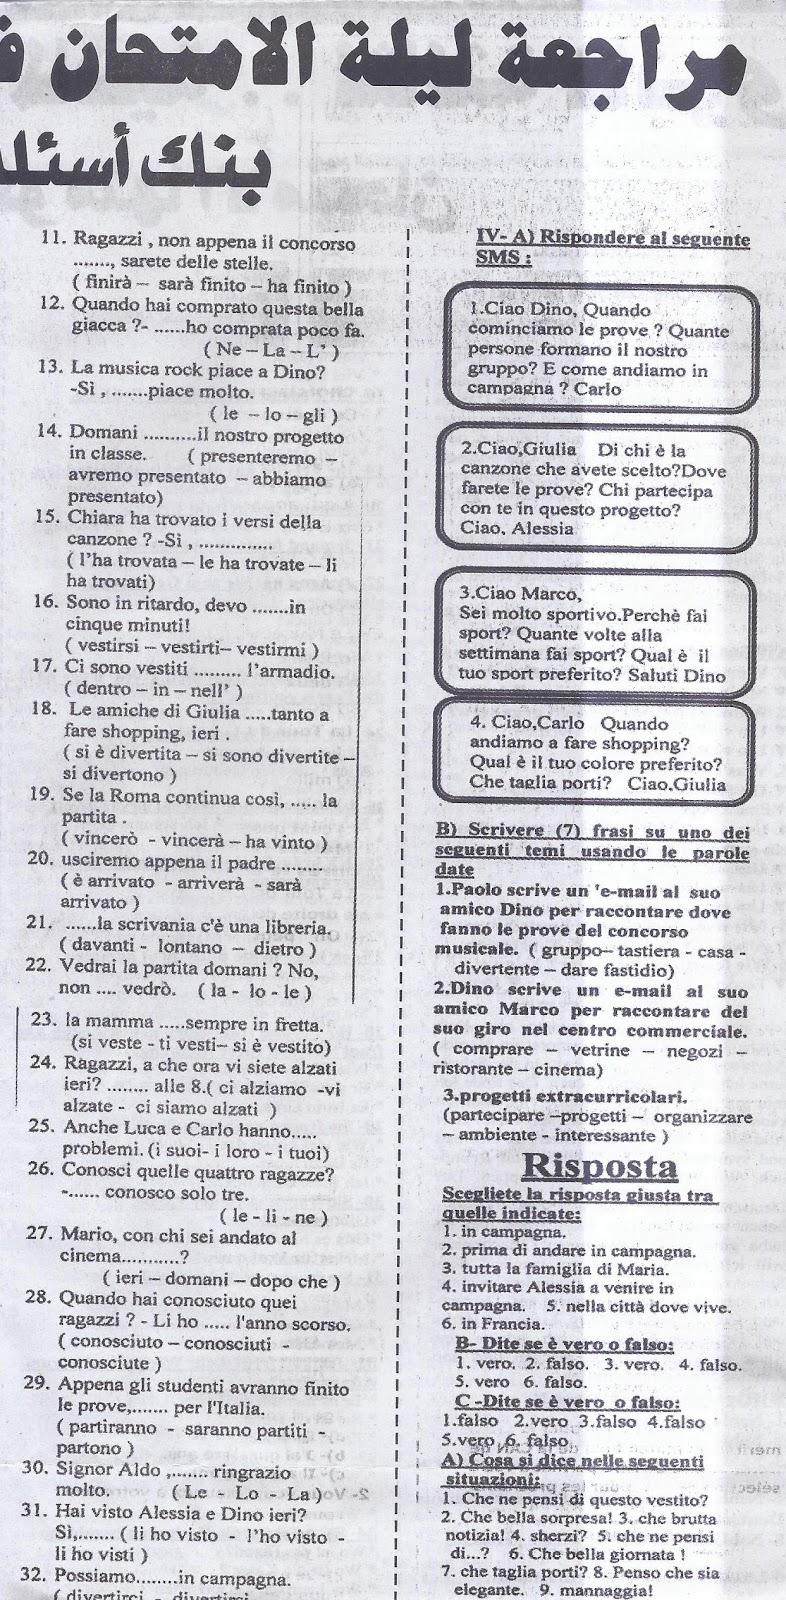 أسئلة اللغة الإيطالية بالاجابات لن يخلو منها امتحان الثانوية العامة 2016 6